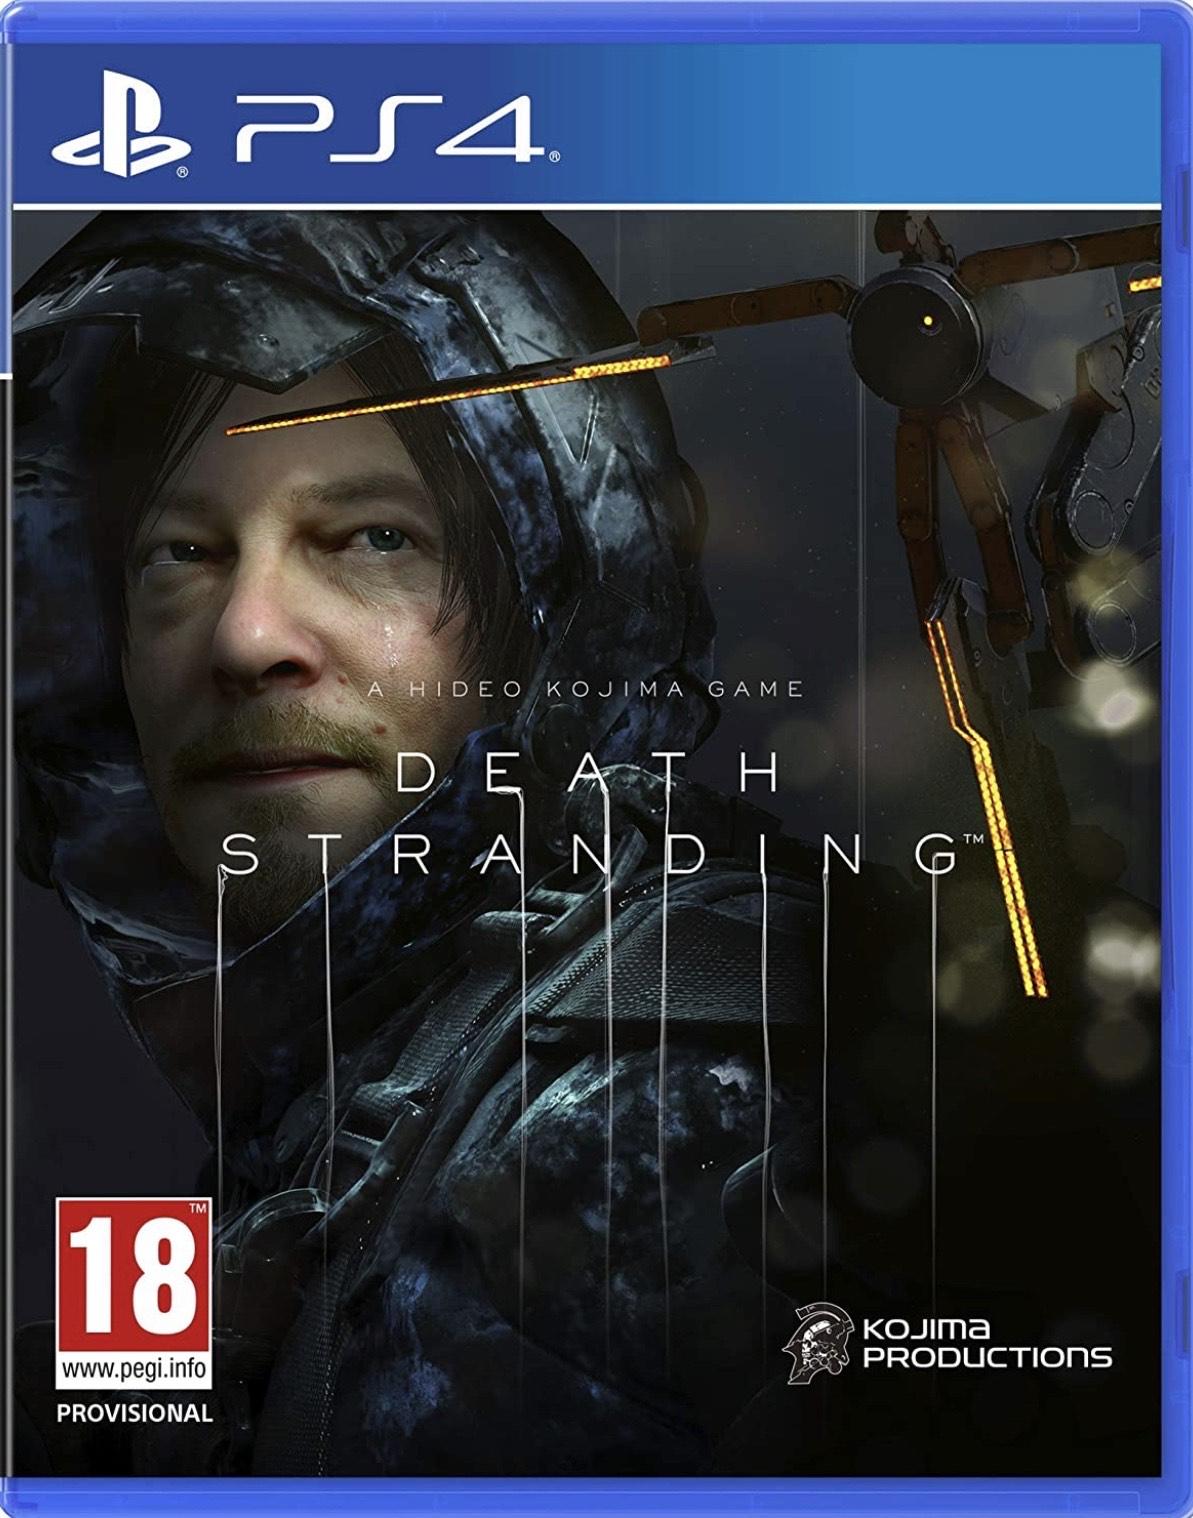 Death stranding (PS4) Ex-rental - £24.99 @ boomerang rentals via eBay